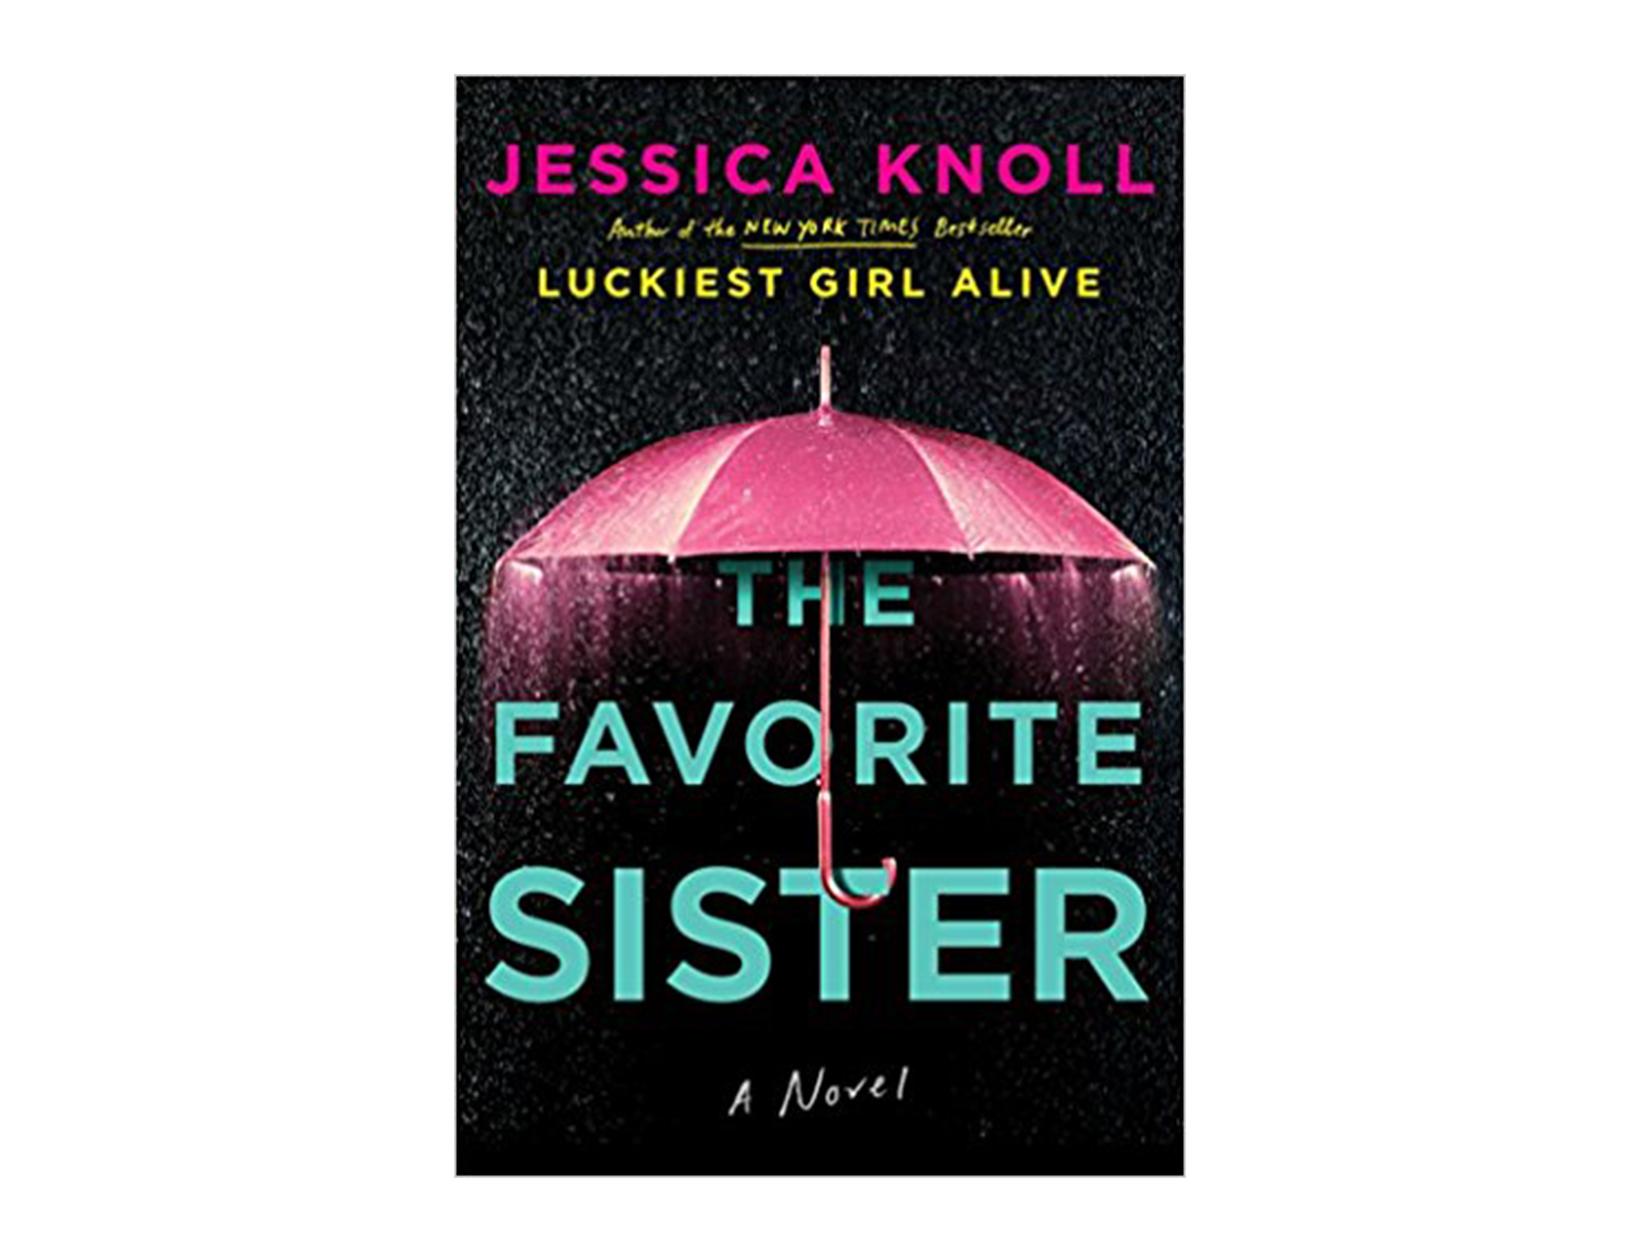 <em>The Favorite Sister</em> by Jessica Knoll